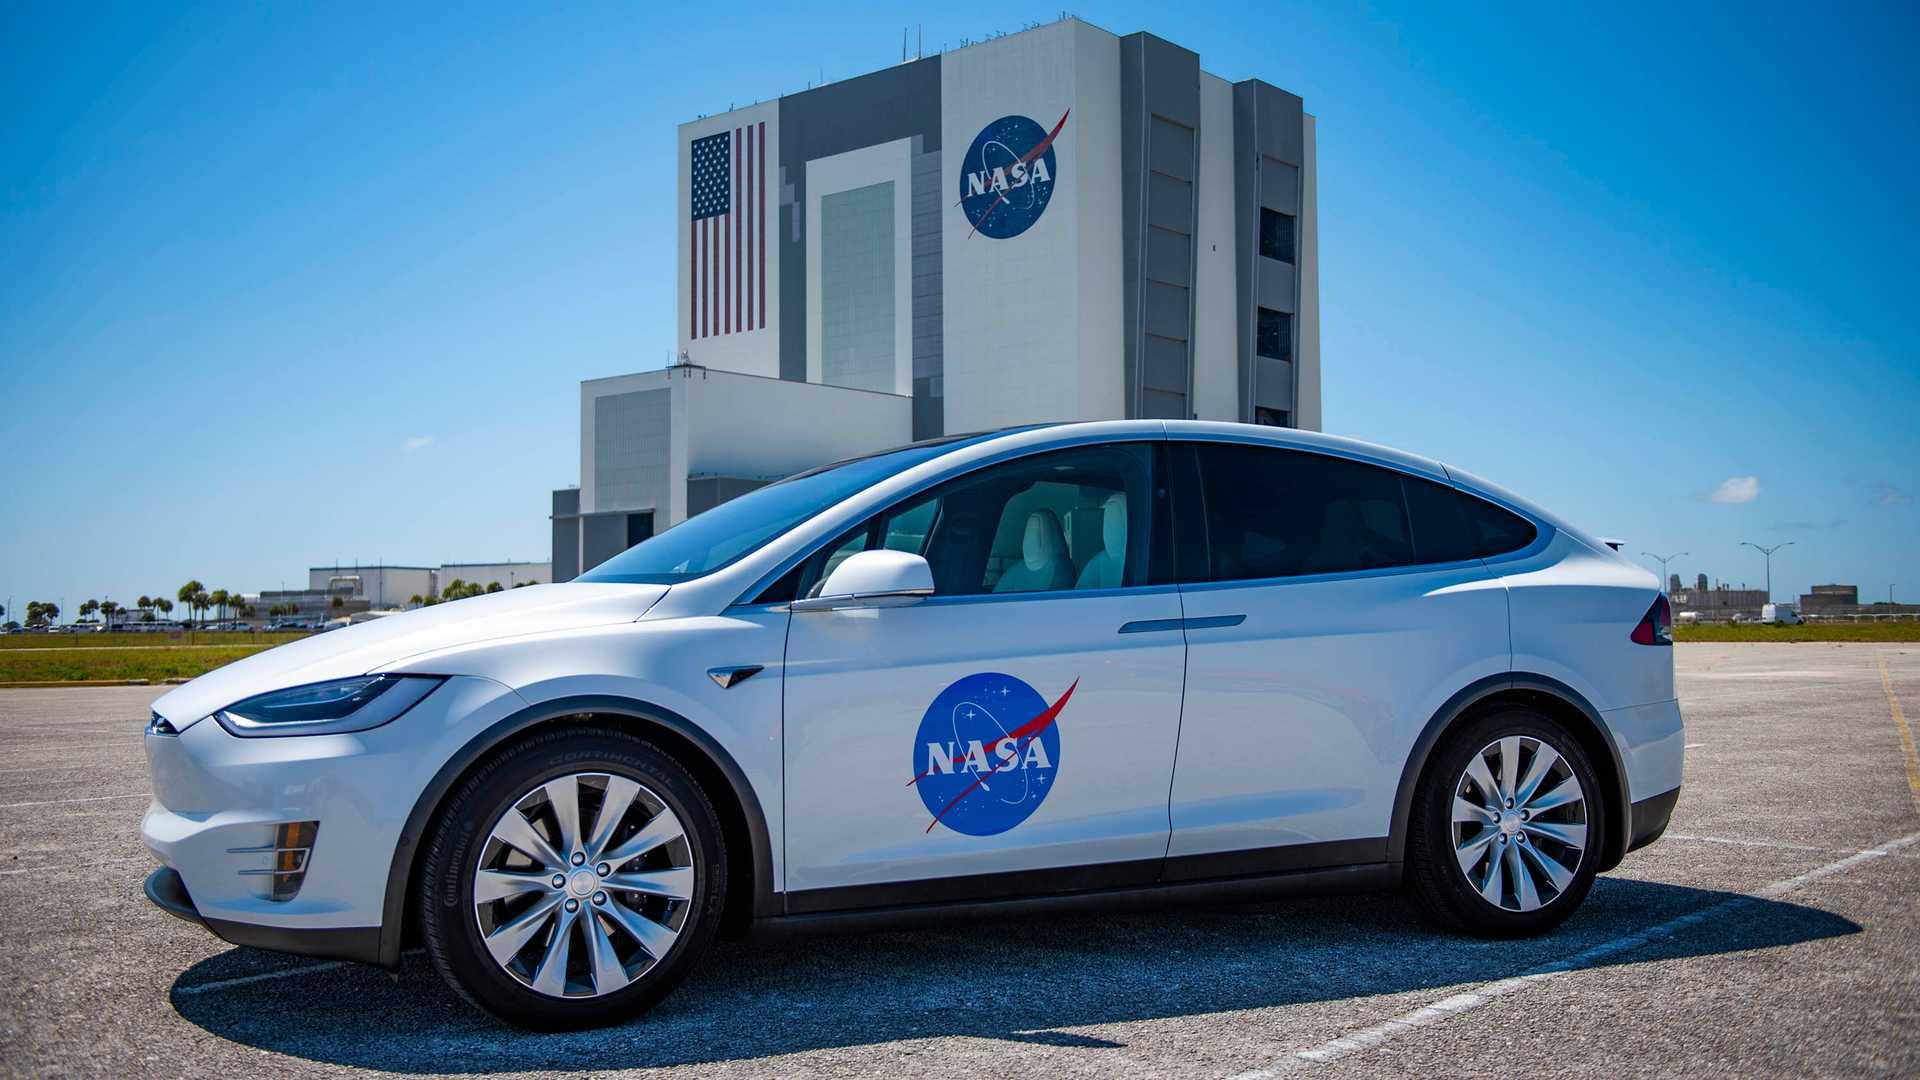 Тесла Модель X Шаттл будет нести астронавтов